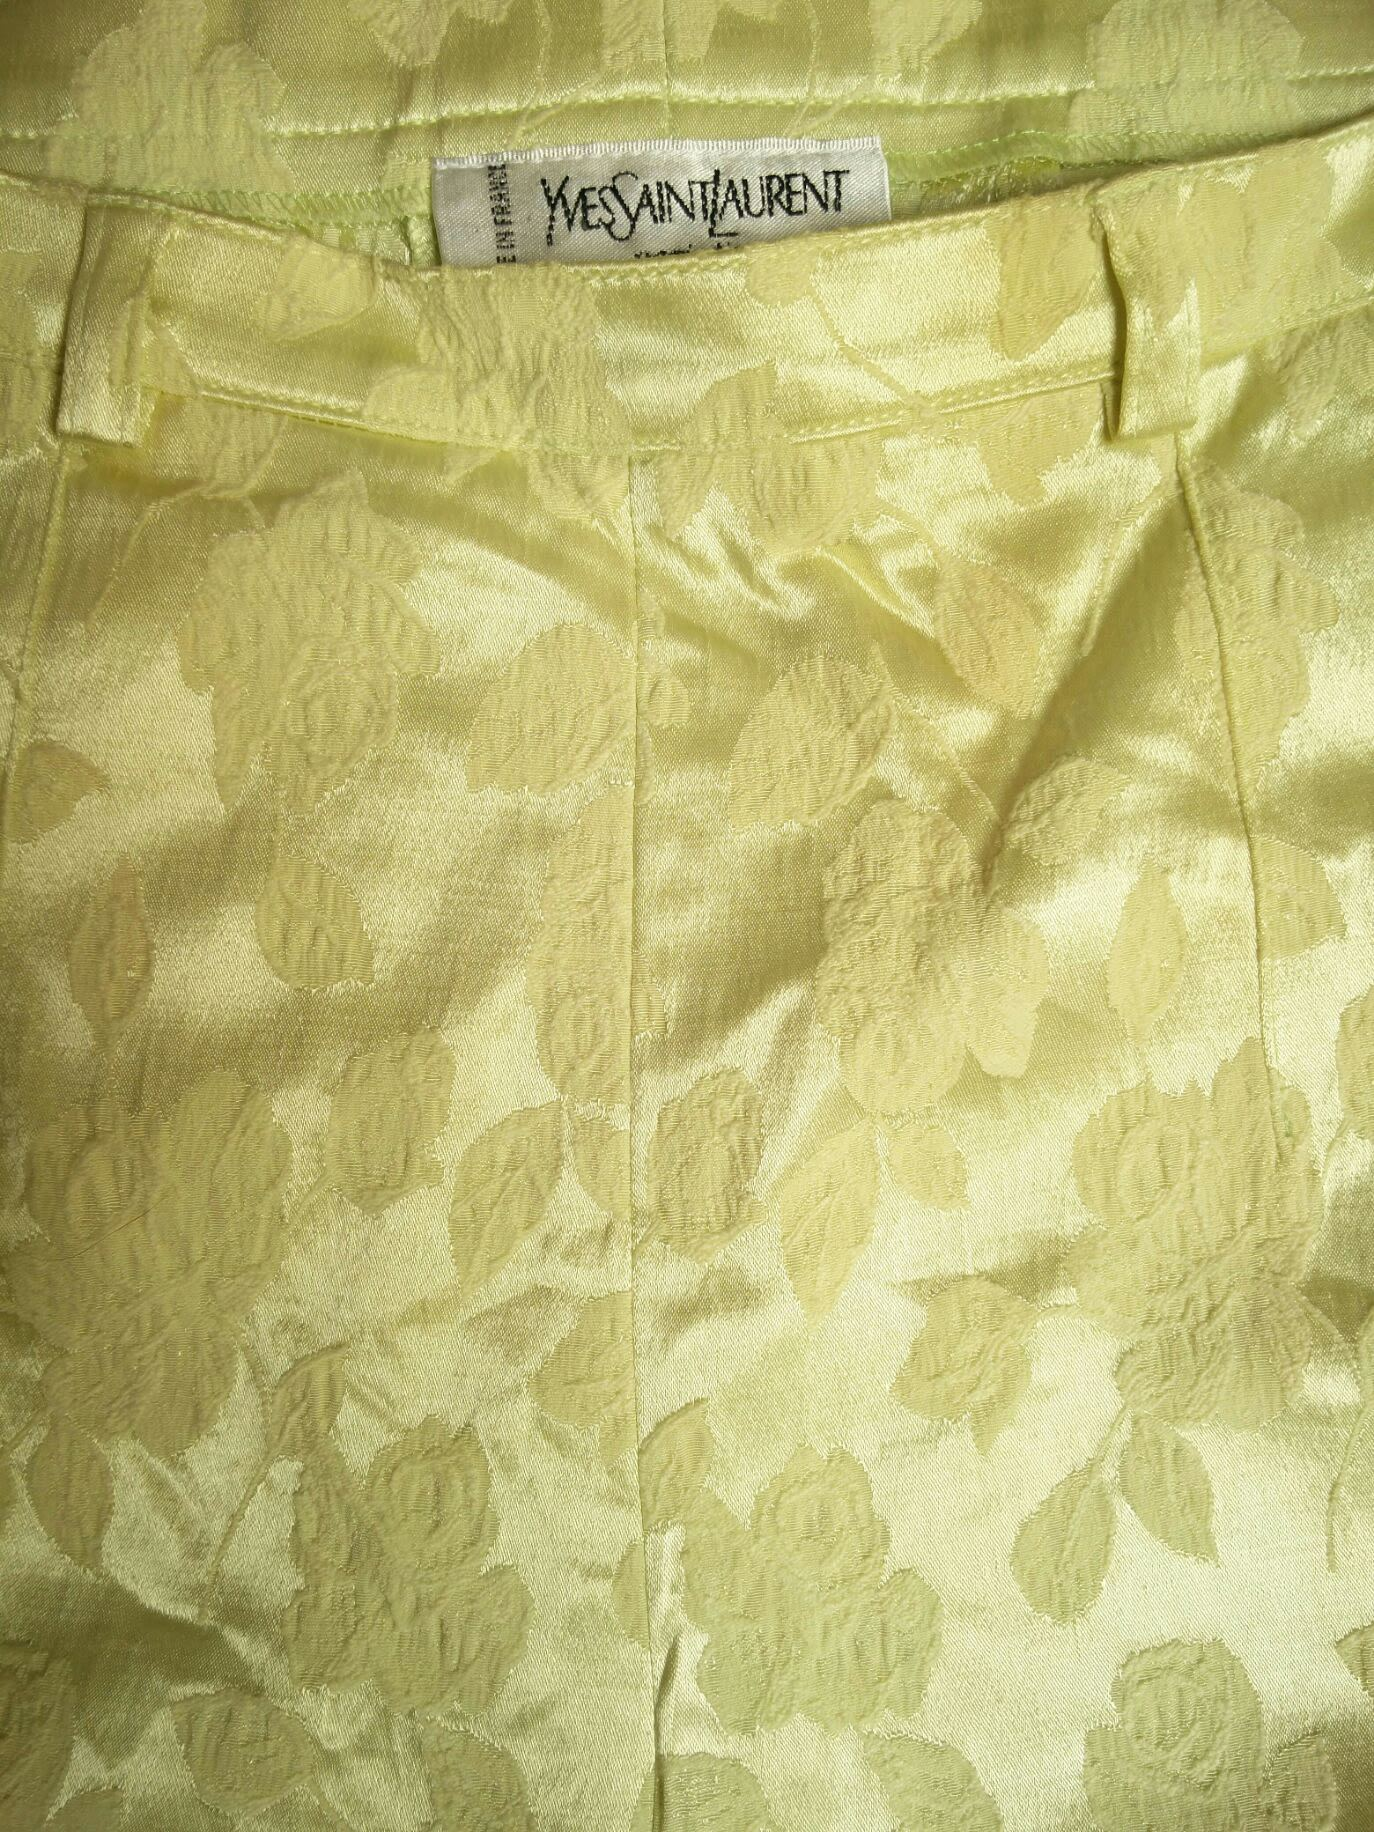 Pantalons - Pantalon Yves Saint Laurent